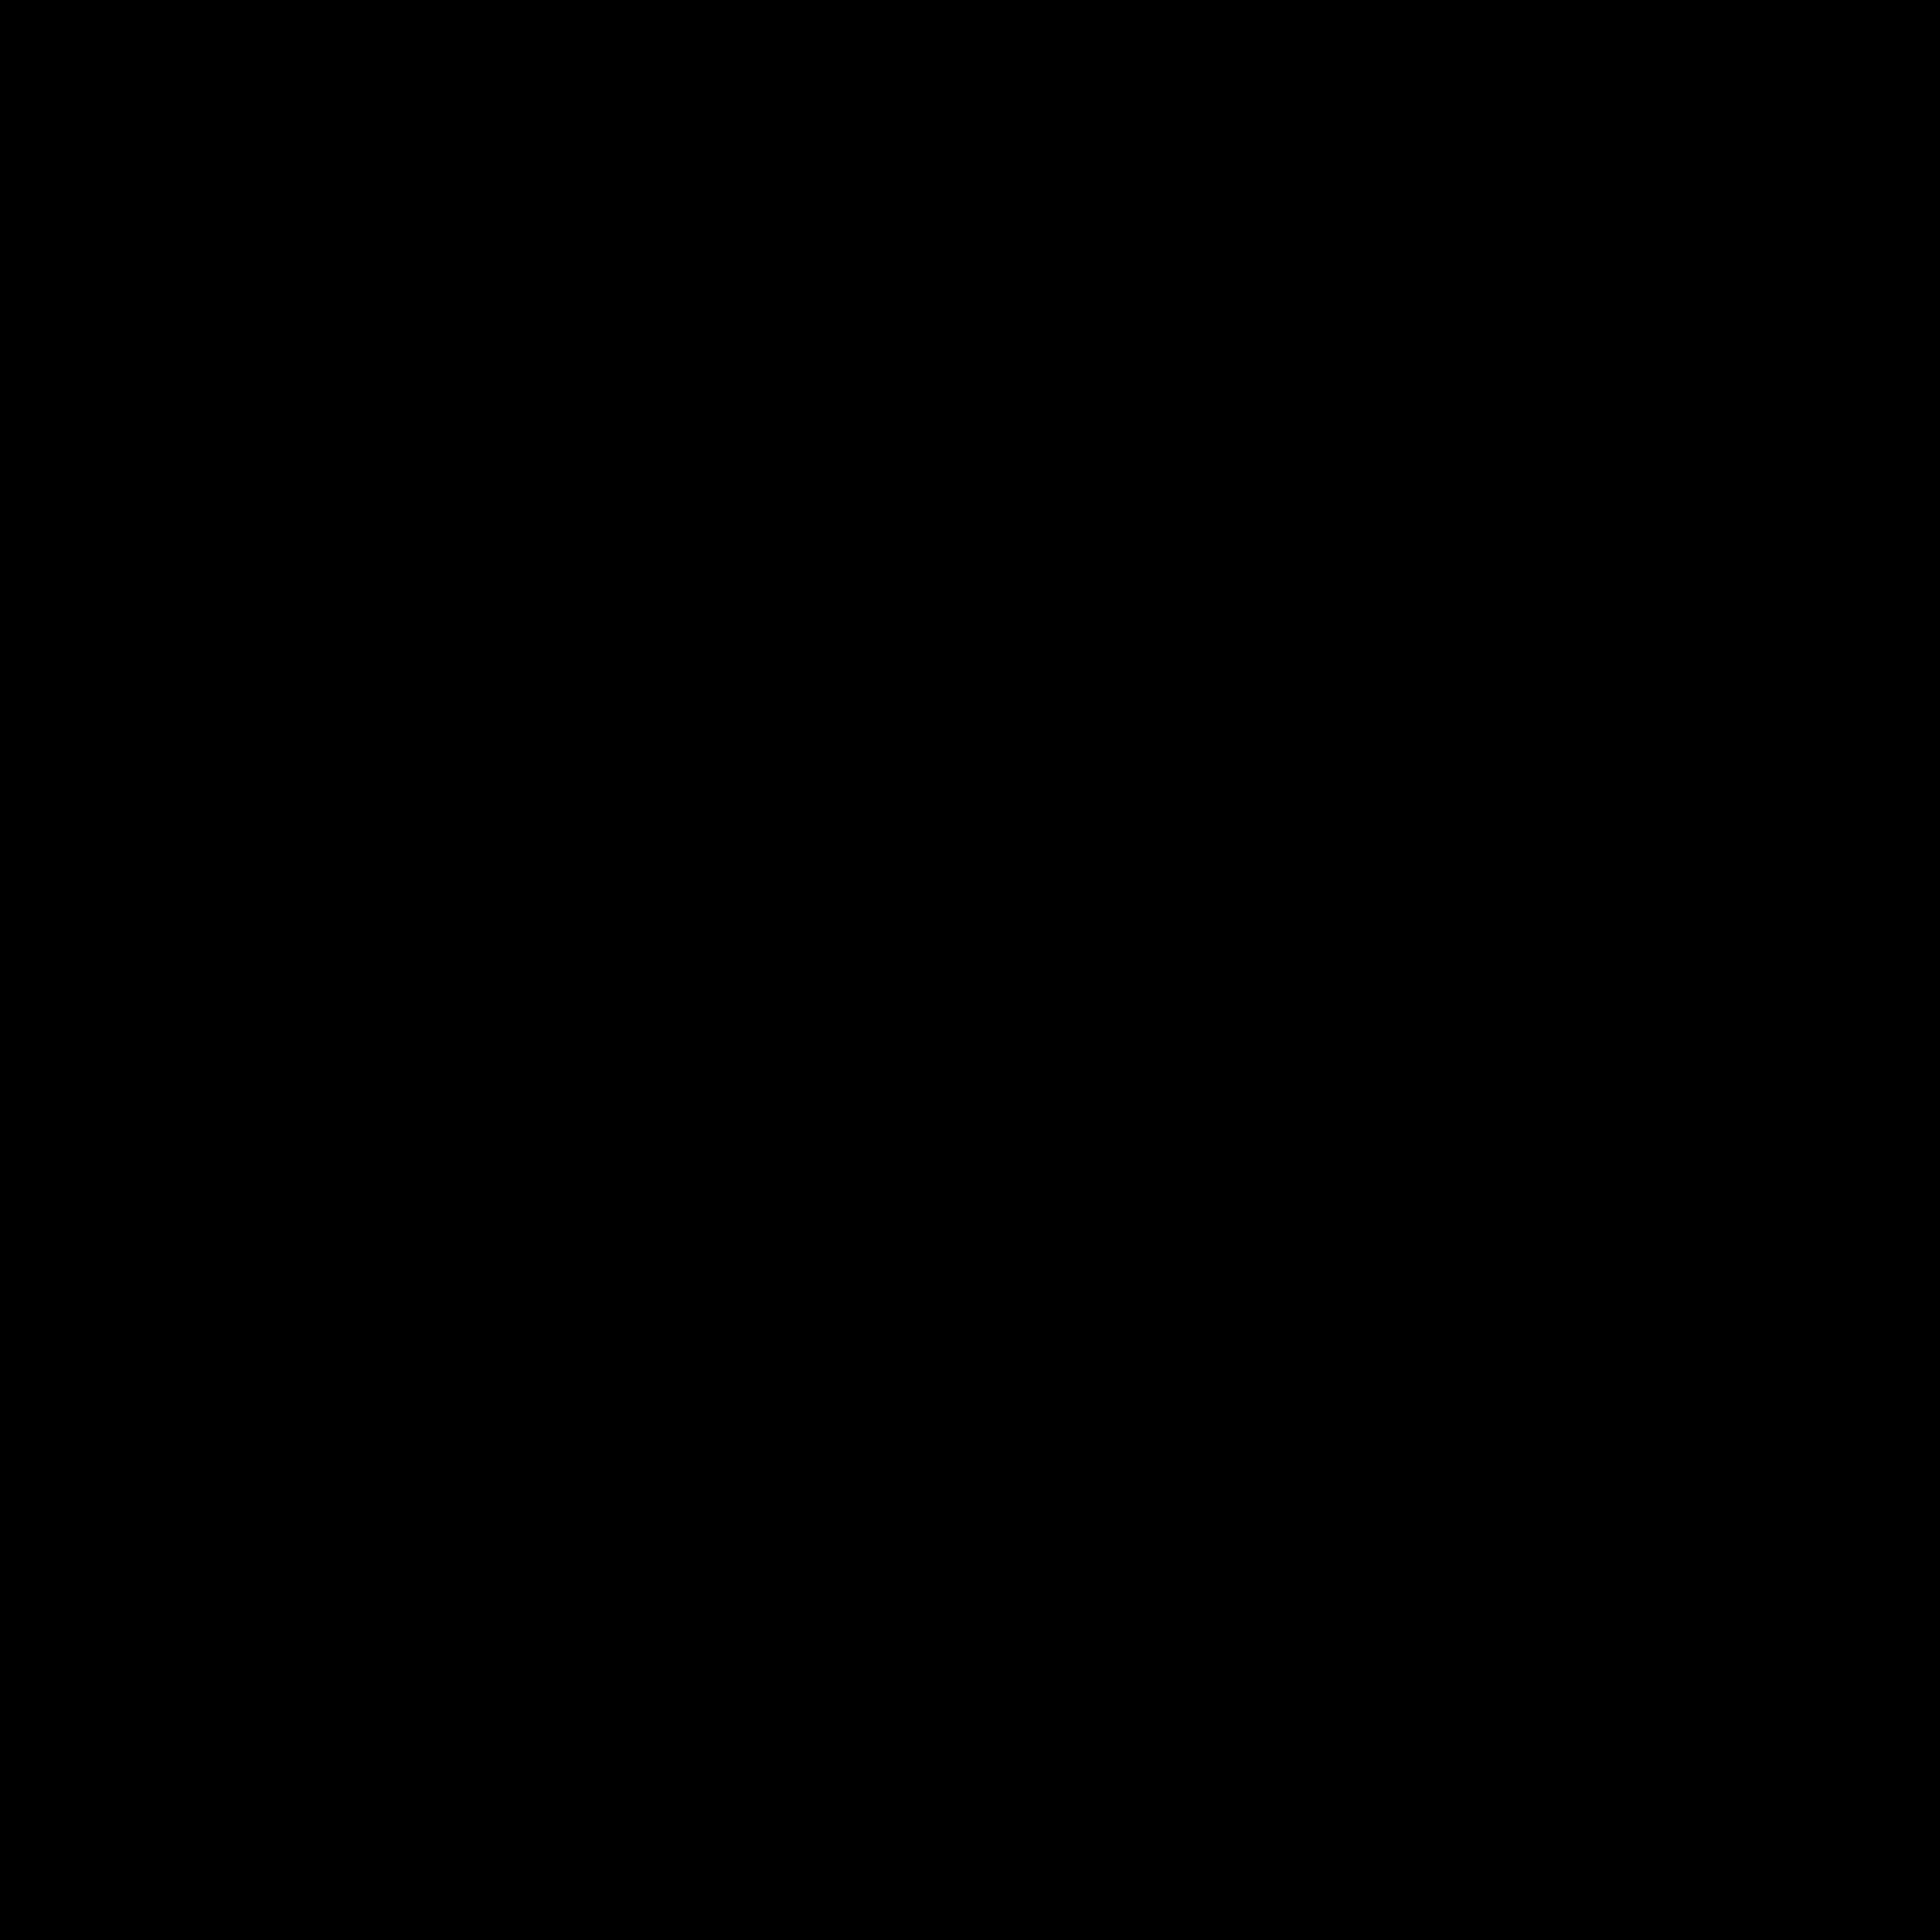 2000px Motorola M Symbol Black Svg Png 2000 2000 Circular Logo Logo Design Lettermark Logos